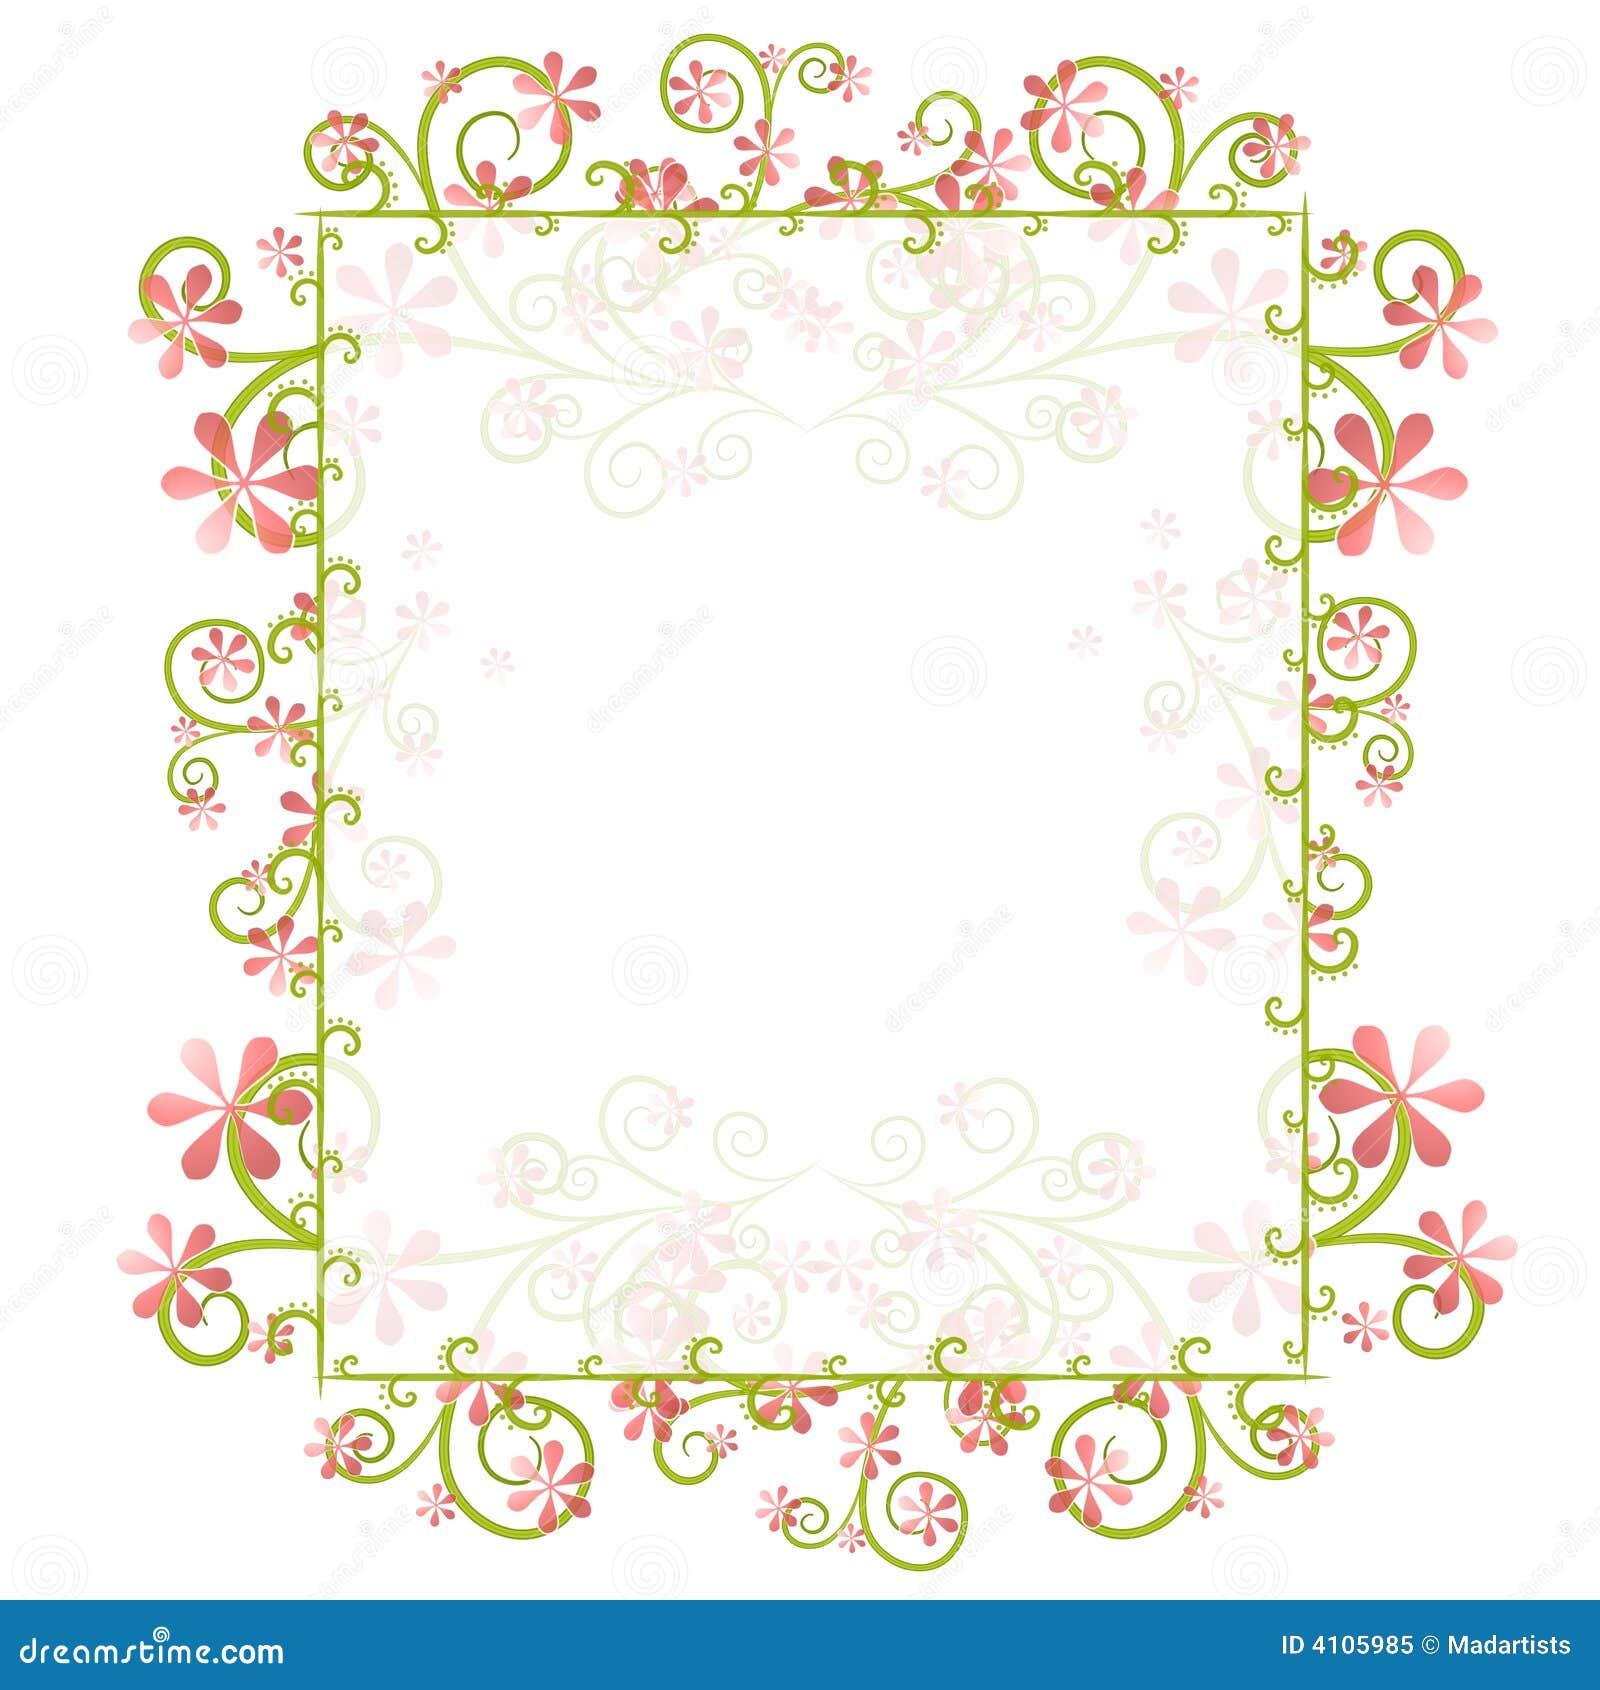 Decorative Spring Floral Border Frame Stock Illustration ...